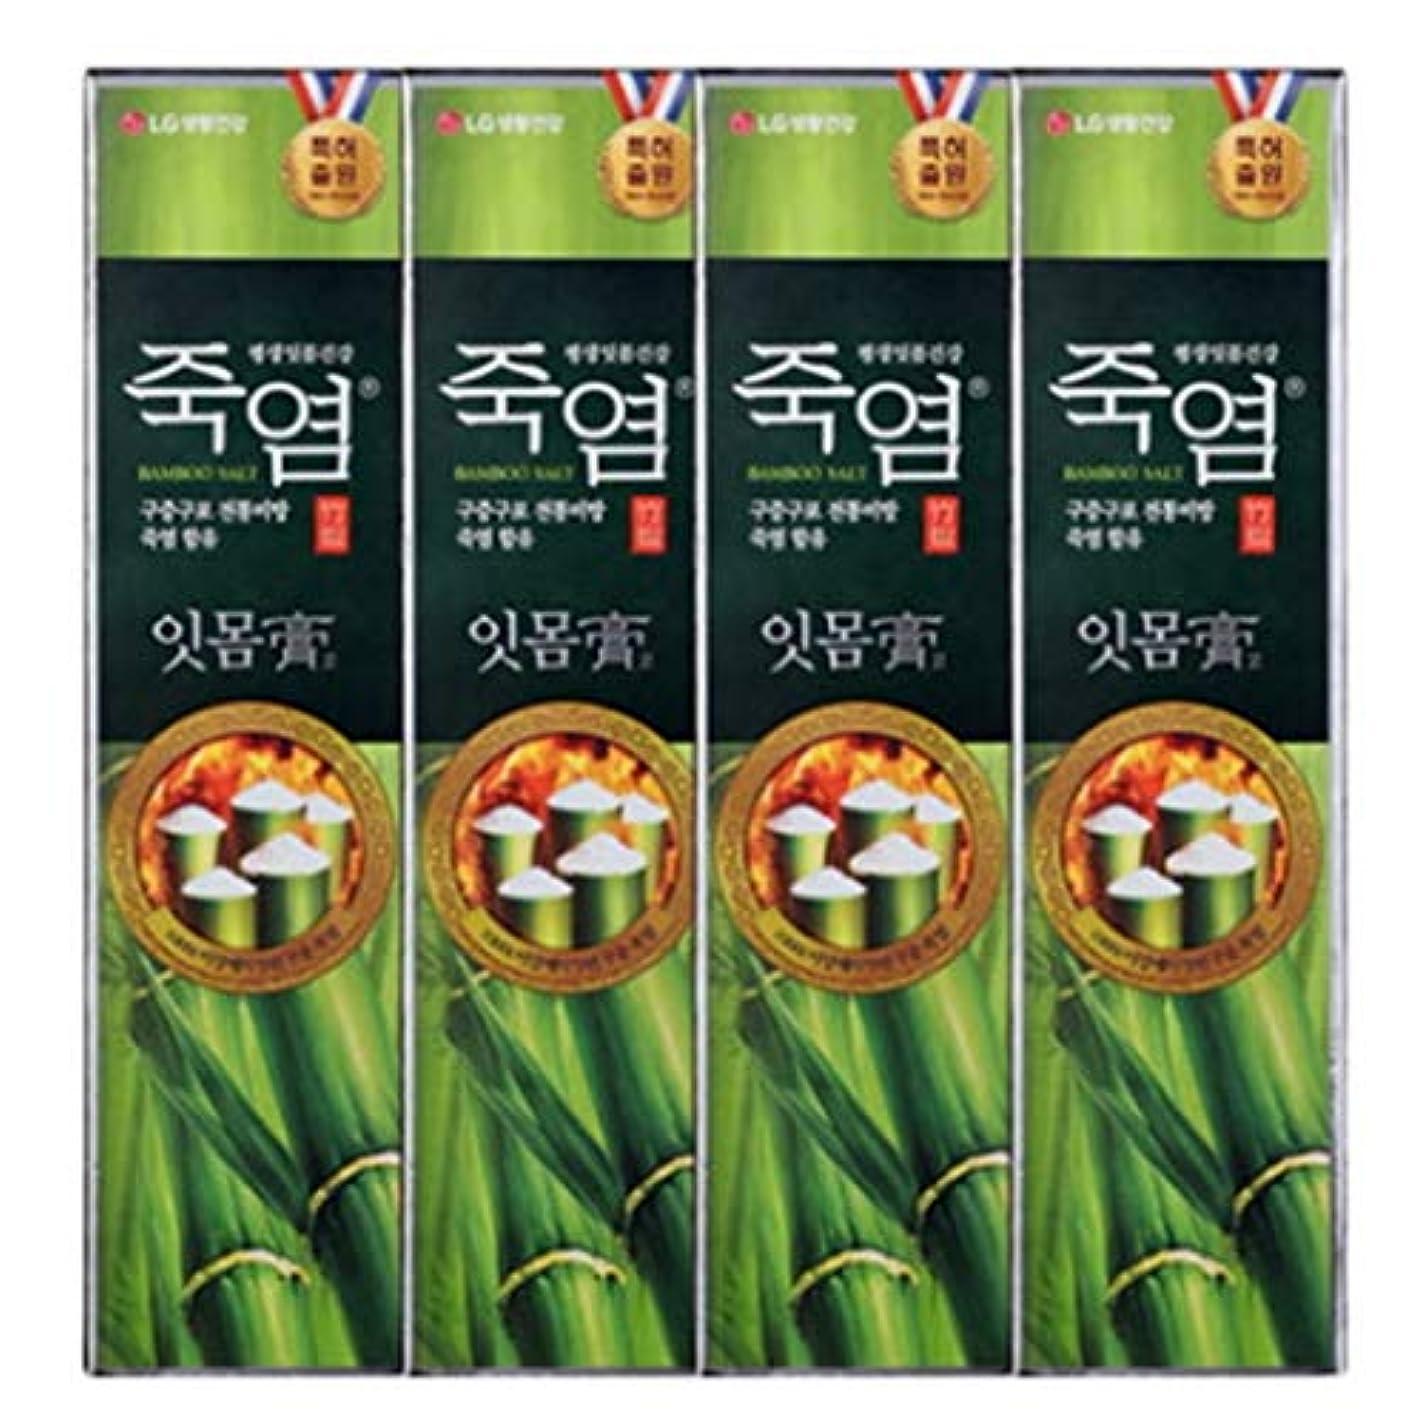 ブラジャーコンセンサス祖先[LG Care/LG生活健康]竹塩歯磨き粉歯肉を健康に120g x4ea / 歯磨きセットスペシャル?リミテッドToothpaste Set Special Limited Korea(海外直送品)